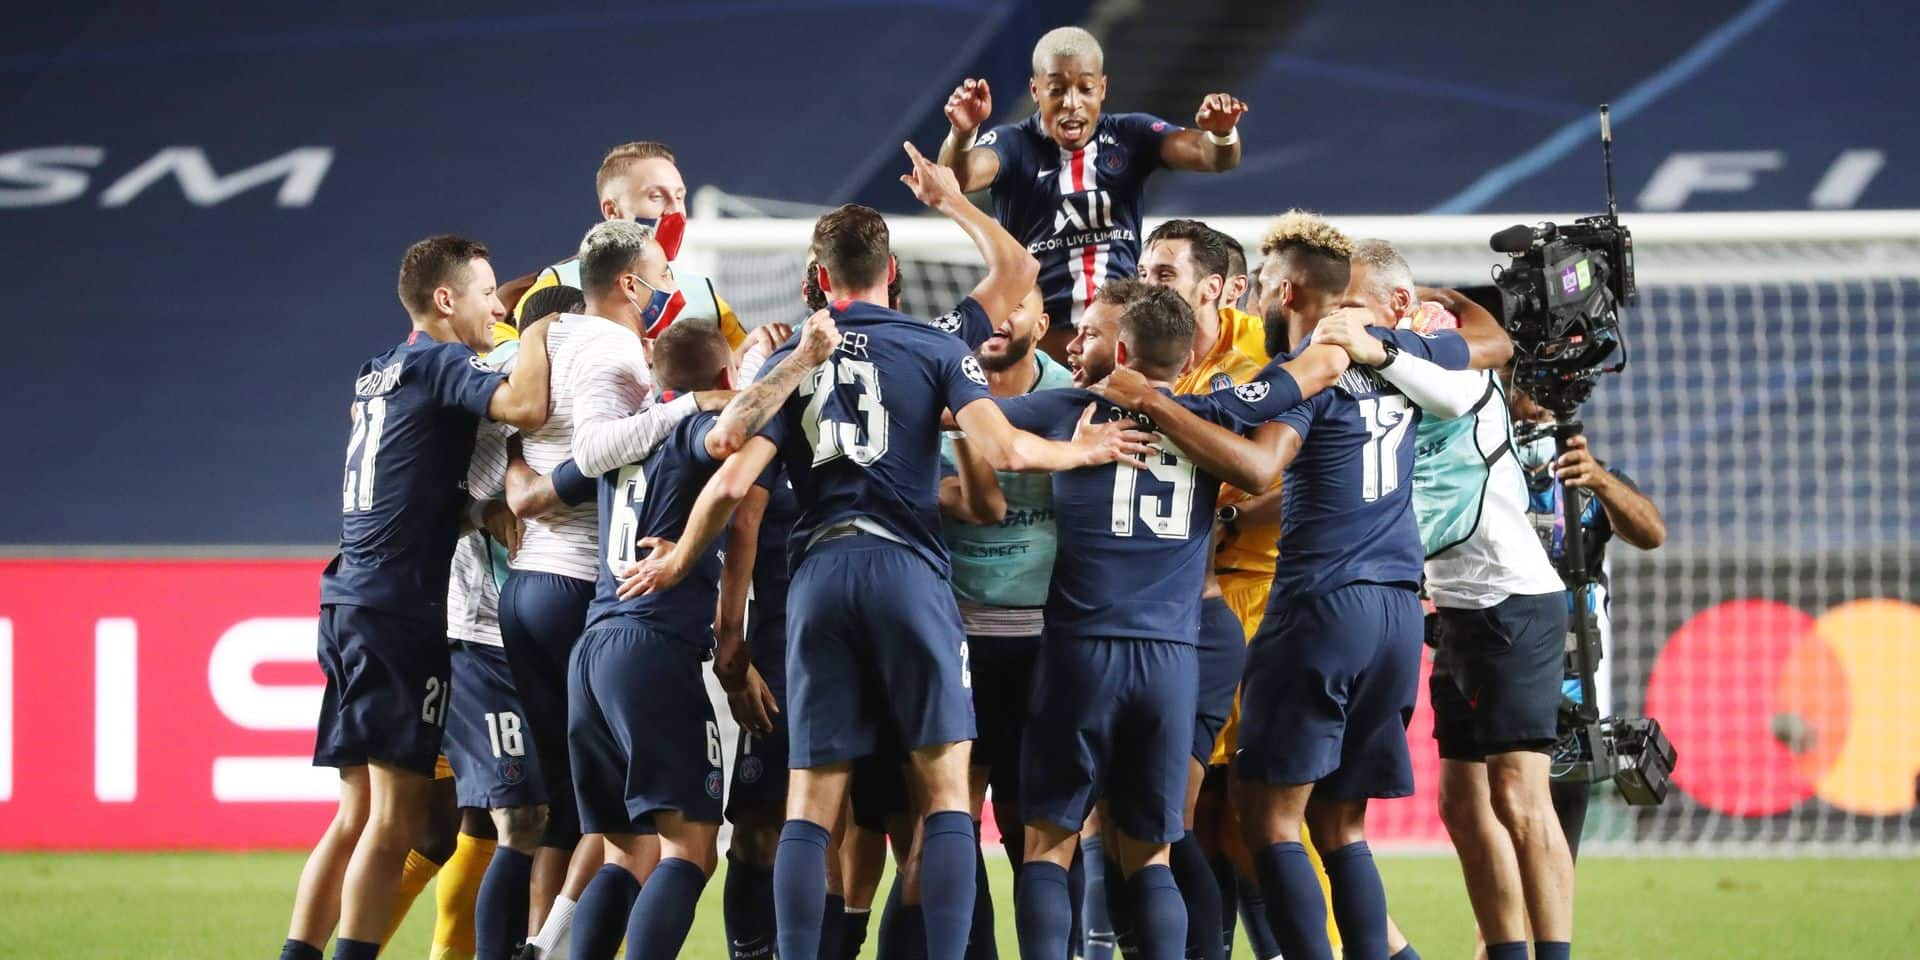 """""""Ce n'était que Leipzig"""", """"La force est en eux"""", """"Enfin en finale"""" : la presse rend un avis contrasté suite à la qualification historique du PSG"""